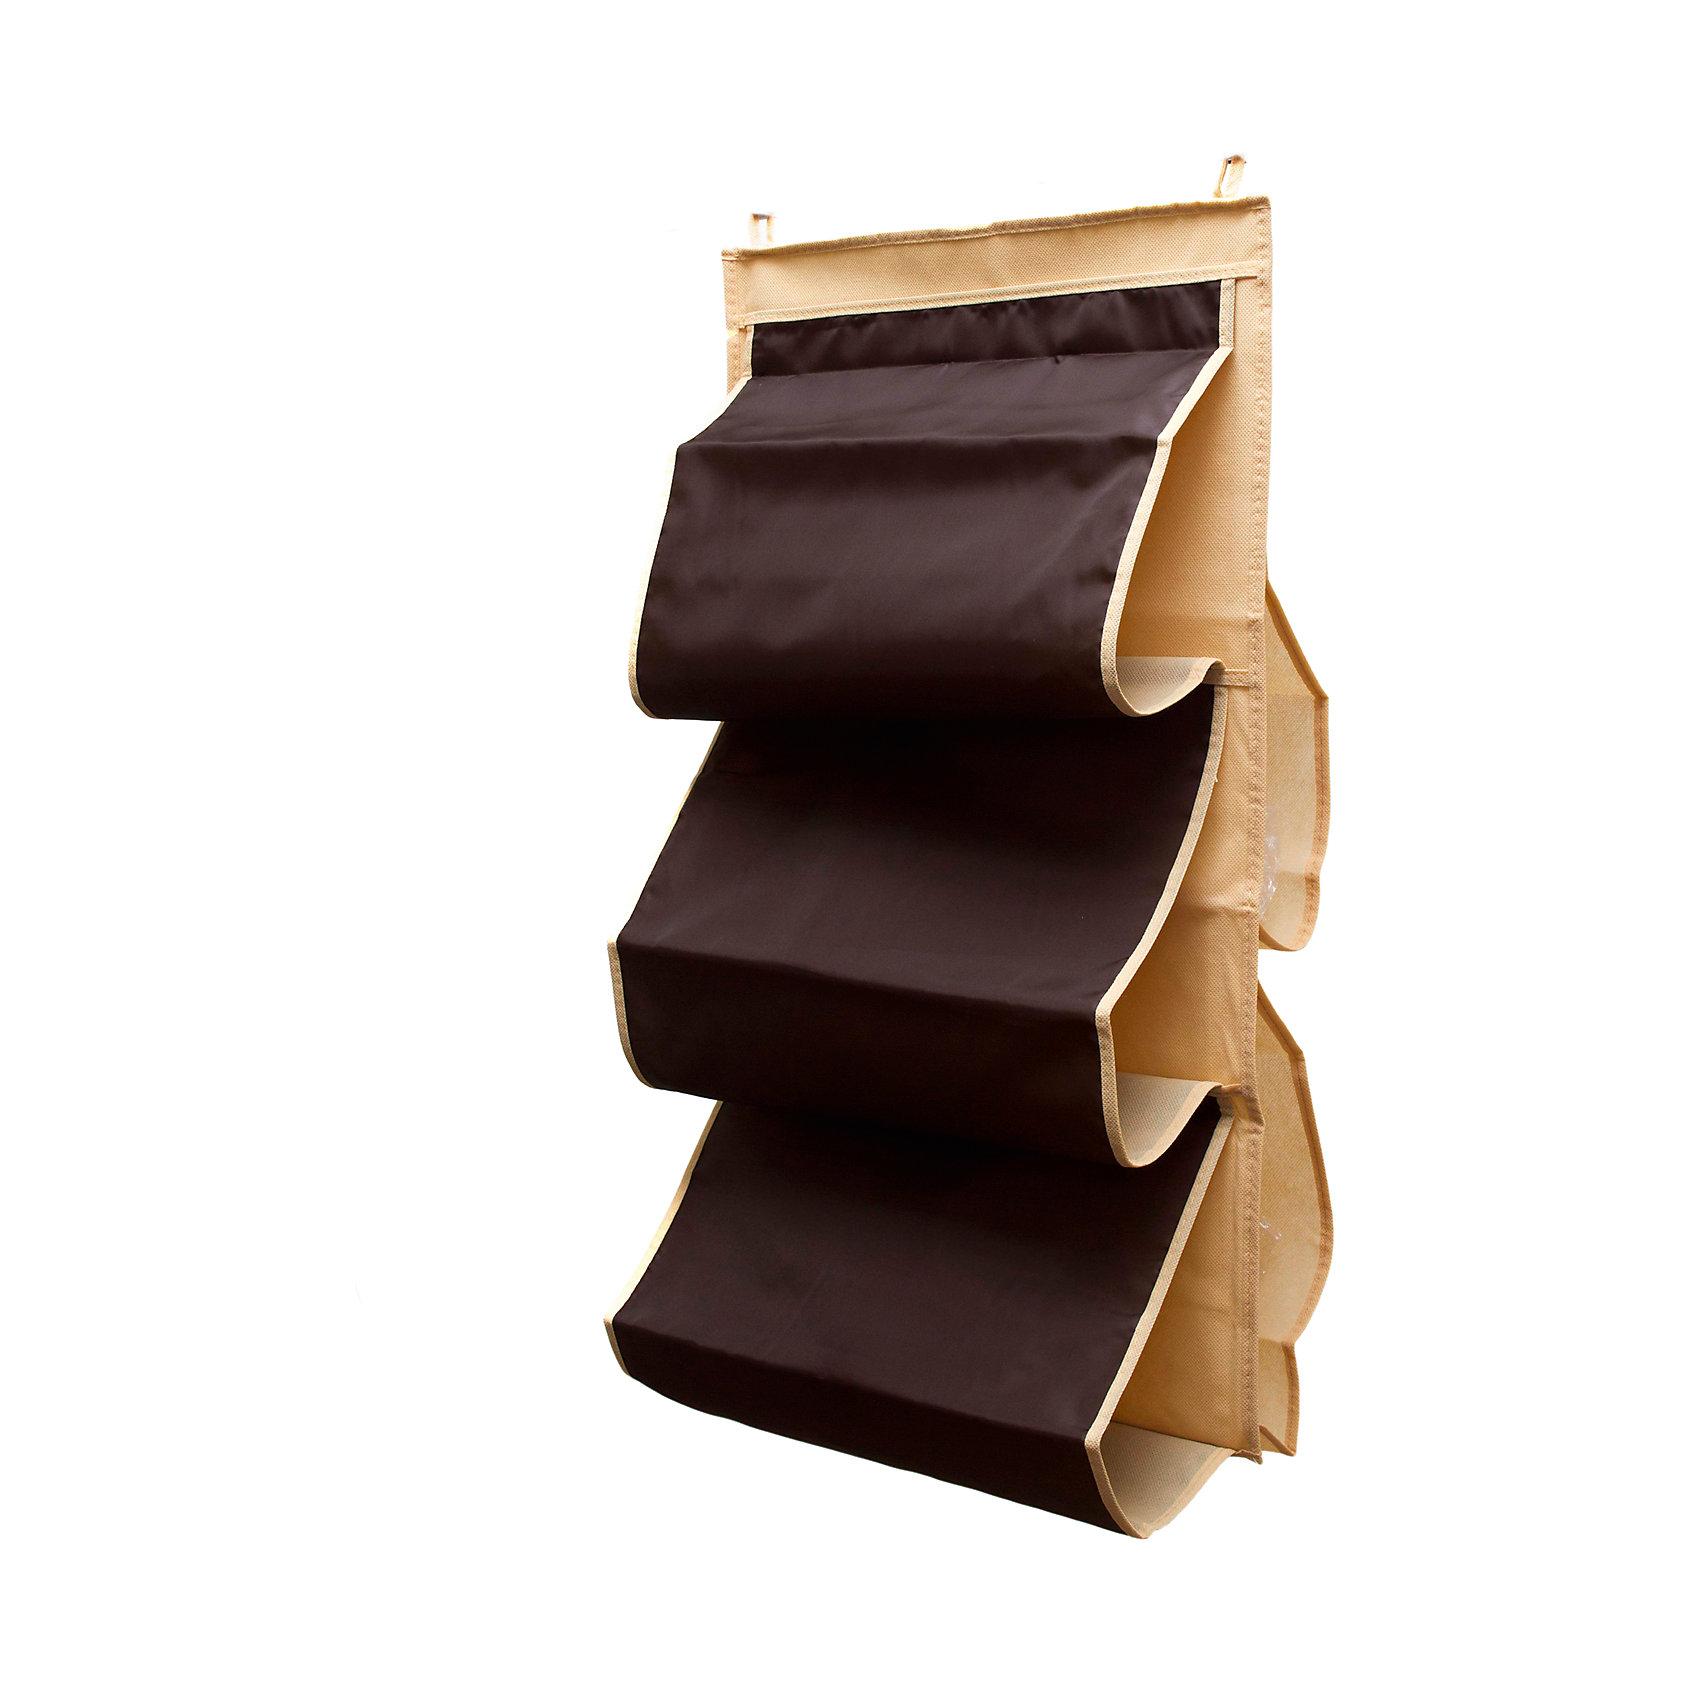 Органайзер для сумок в шкаф Costa-Rica, HomsuОрганайзеры для одежды<br>Характеристики товара:<br><br>• цвет: коричневый<br>• материал: полиэстер<br>• размер: 70х40х2 см.<br>• вес: 300 гр.<br>• застежка: молния<br>• крепление: крючок<br>• ручка для переноски<br>• вместимость: 5 отделений<br>• страна бренда: Россия<br>• страна изготовитель: Китай<br><br>Органайзер для сумок в шкаф Costa-Rica, Homsu (Хомсу) - очень удобная вещь для хранения вещей и эргономичной организации пространства.<br><br>Он состоит из пяти отделений, легко крепится на стену, дверь или внутрь шкафов.<br><br>Органайзер для сумок в шкаф Costa-Rica, Homsu можно купить в нашем интернет-магазине.<br><br>Ширина мм: 450<br>Глубина мм: 300<br>Высота мм: 20<br>Вес г: 300<br>Возраст от месяцев: 216<br>Возраст до месяцев: 1188<br>Пол: Унисекс<br>Возраст: Детский<br>SKU: 5620220